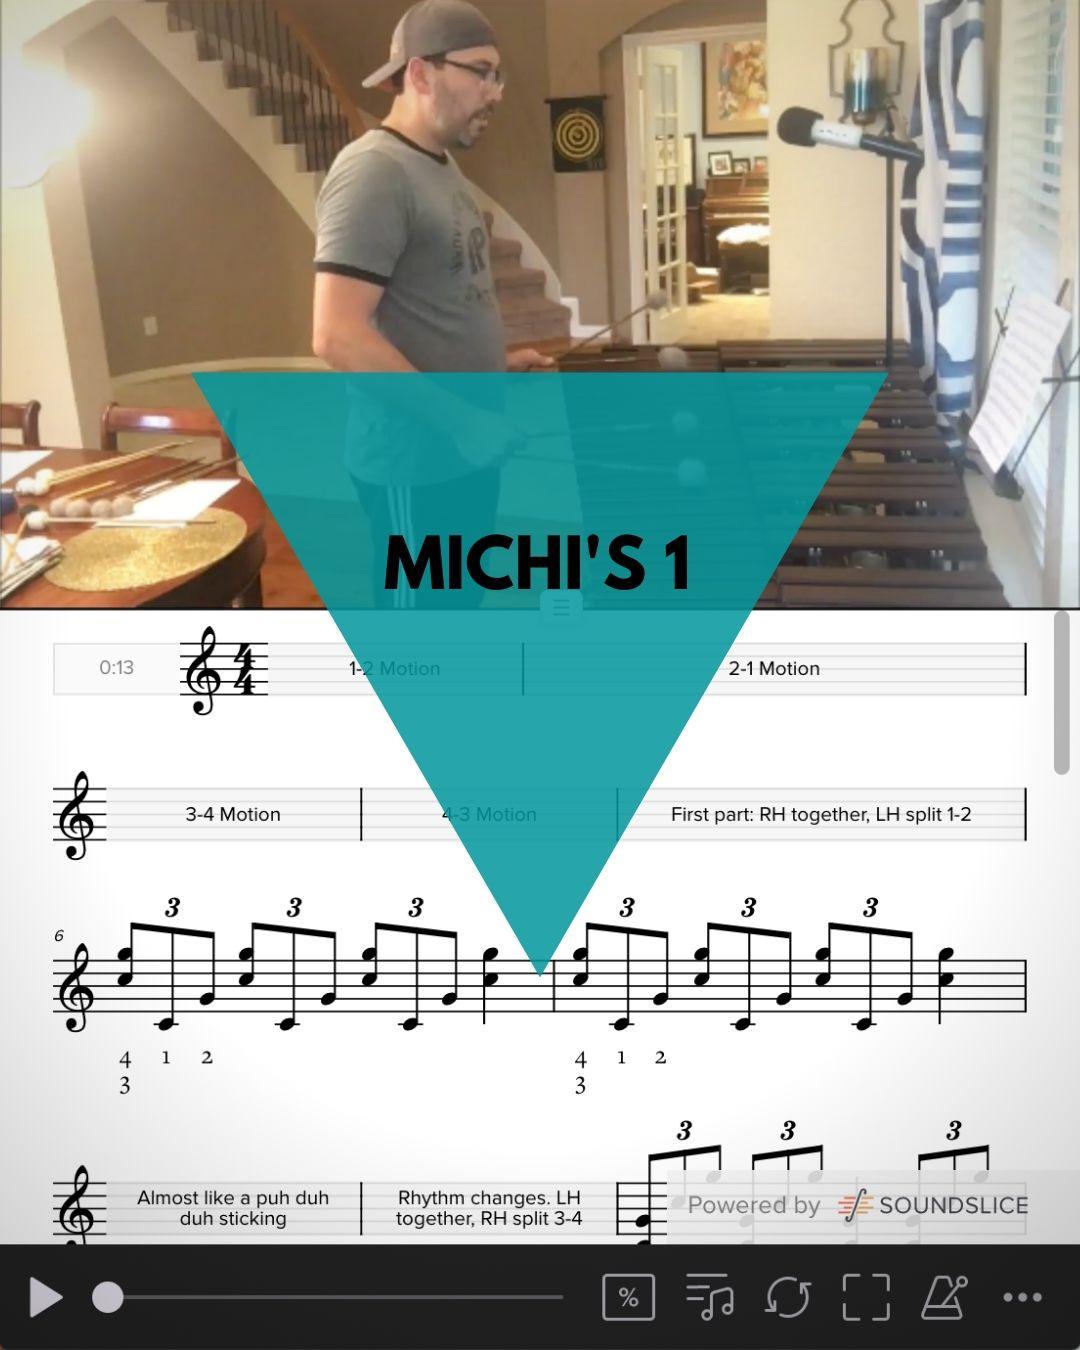 Michi's #1